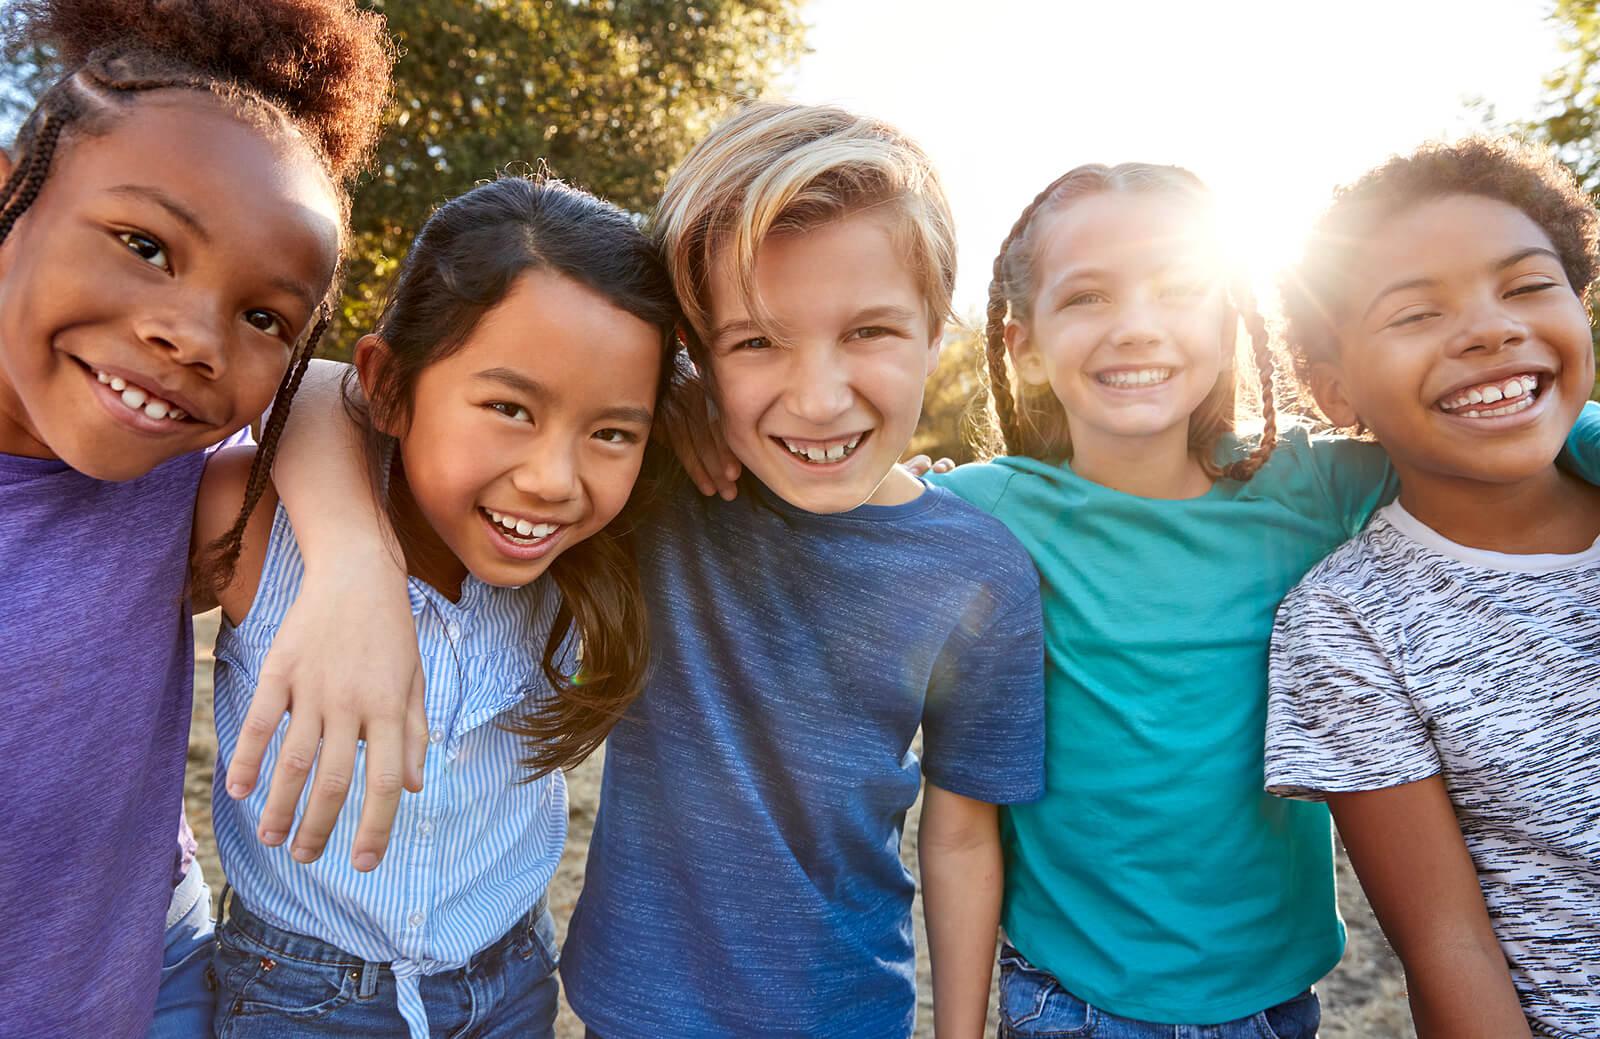 Niños aprendiendo a no juzgar a los demás y amando la diversidad.